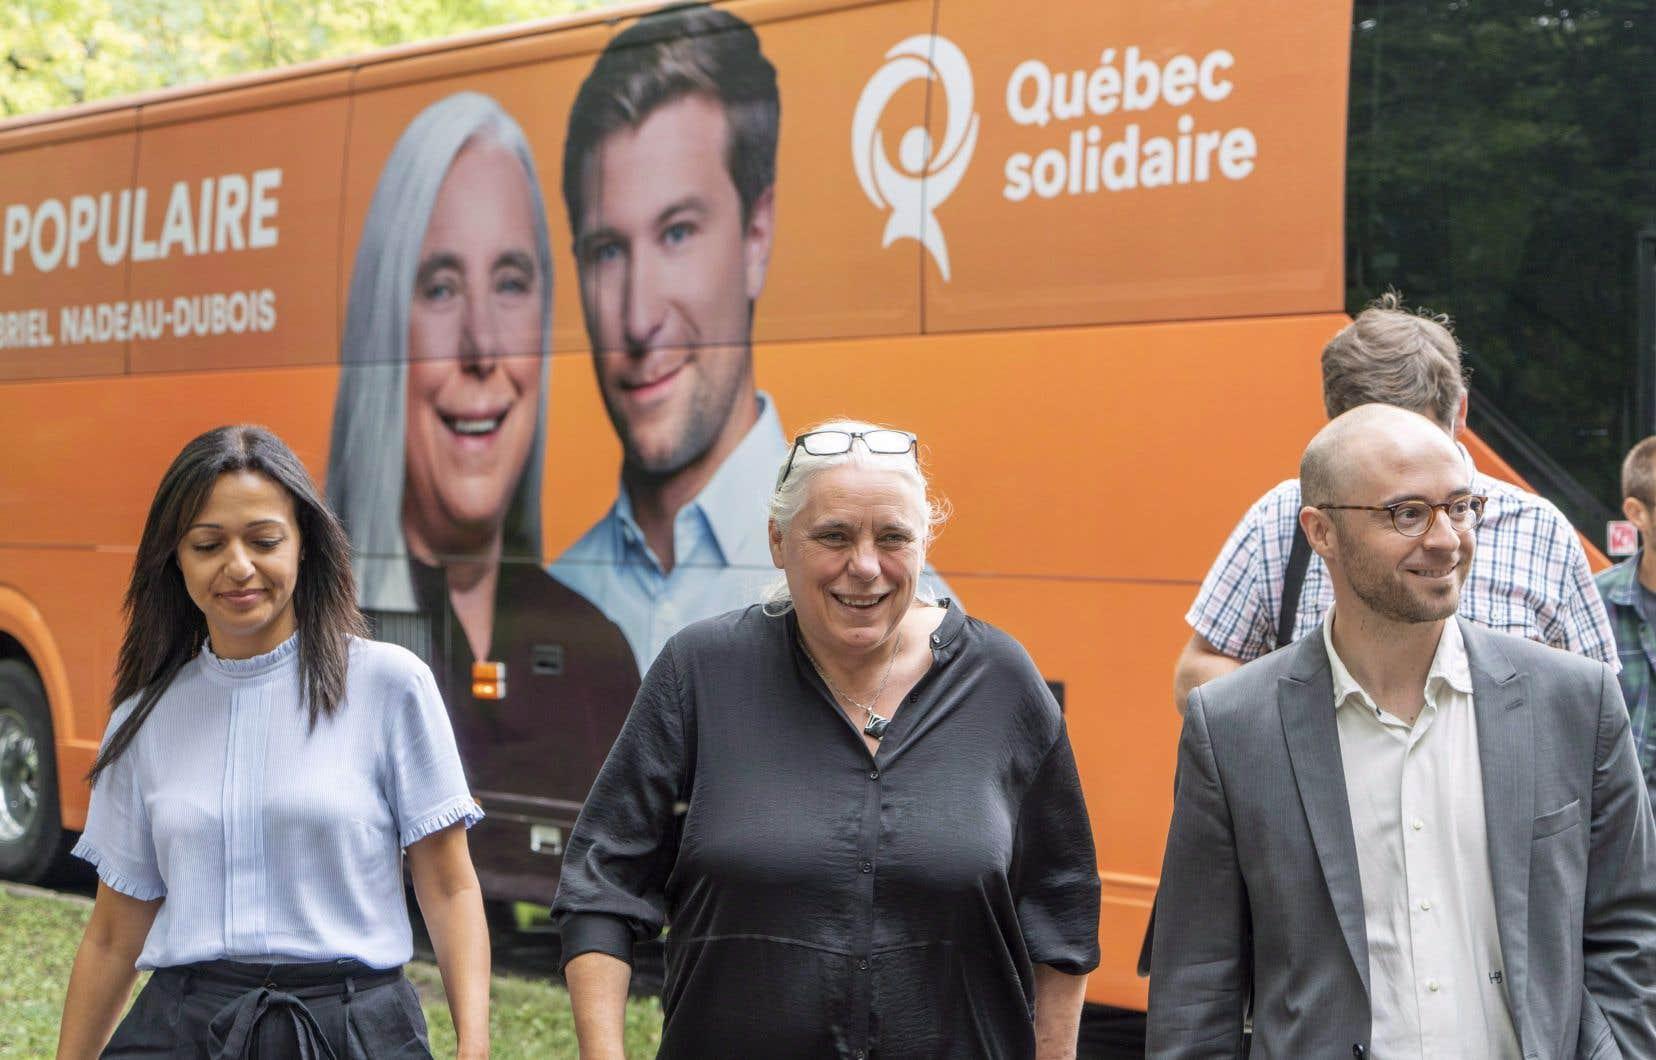 La députée Ruba Ghazal en compagnie de Manon Massé et de Sol Zanetti lors de la dernière campagne électorale.